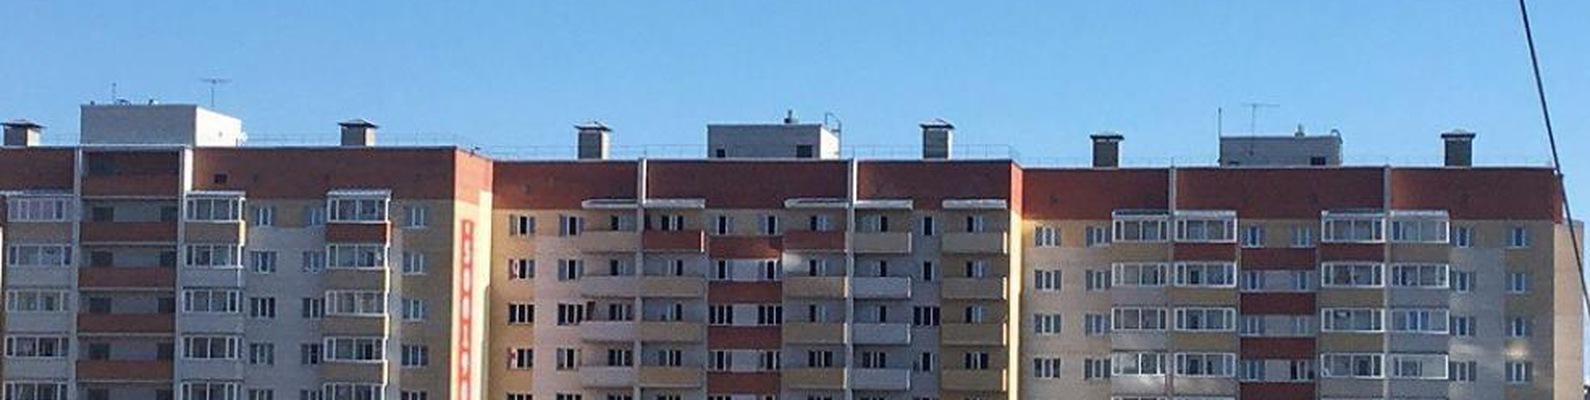 Курительные смеси price Раменское тотали спайс 5 сезон 13 серия